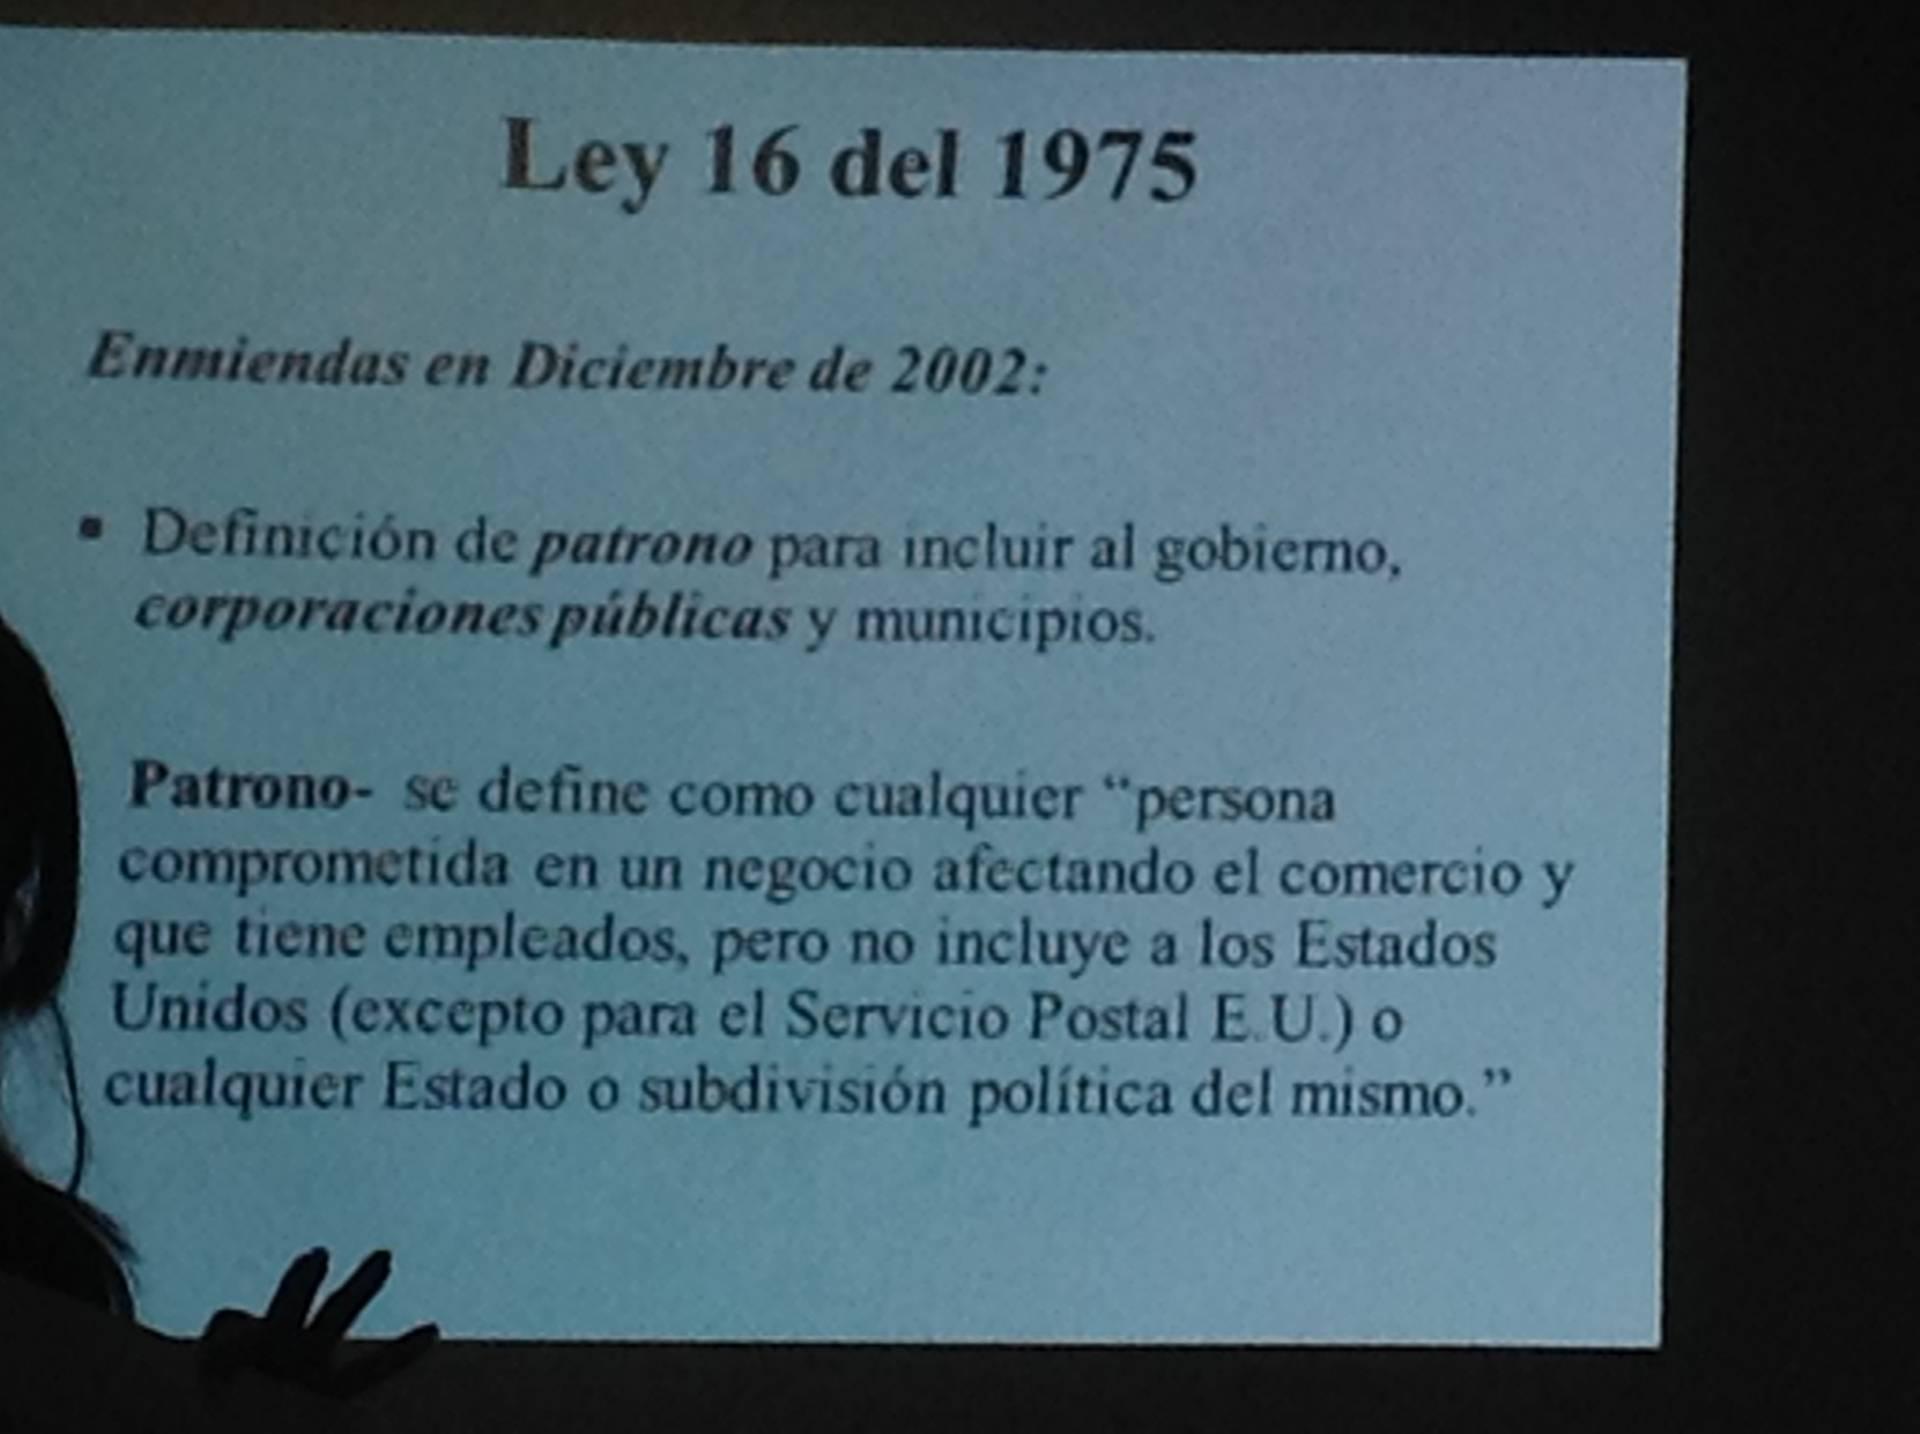 Ley 16 de 1975